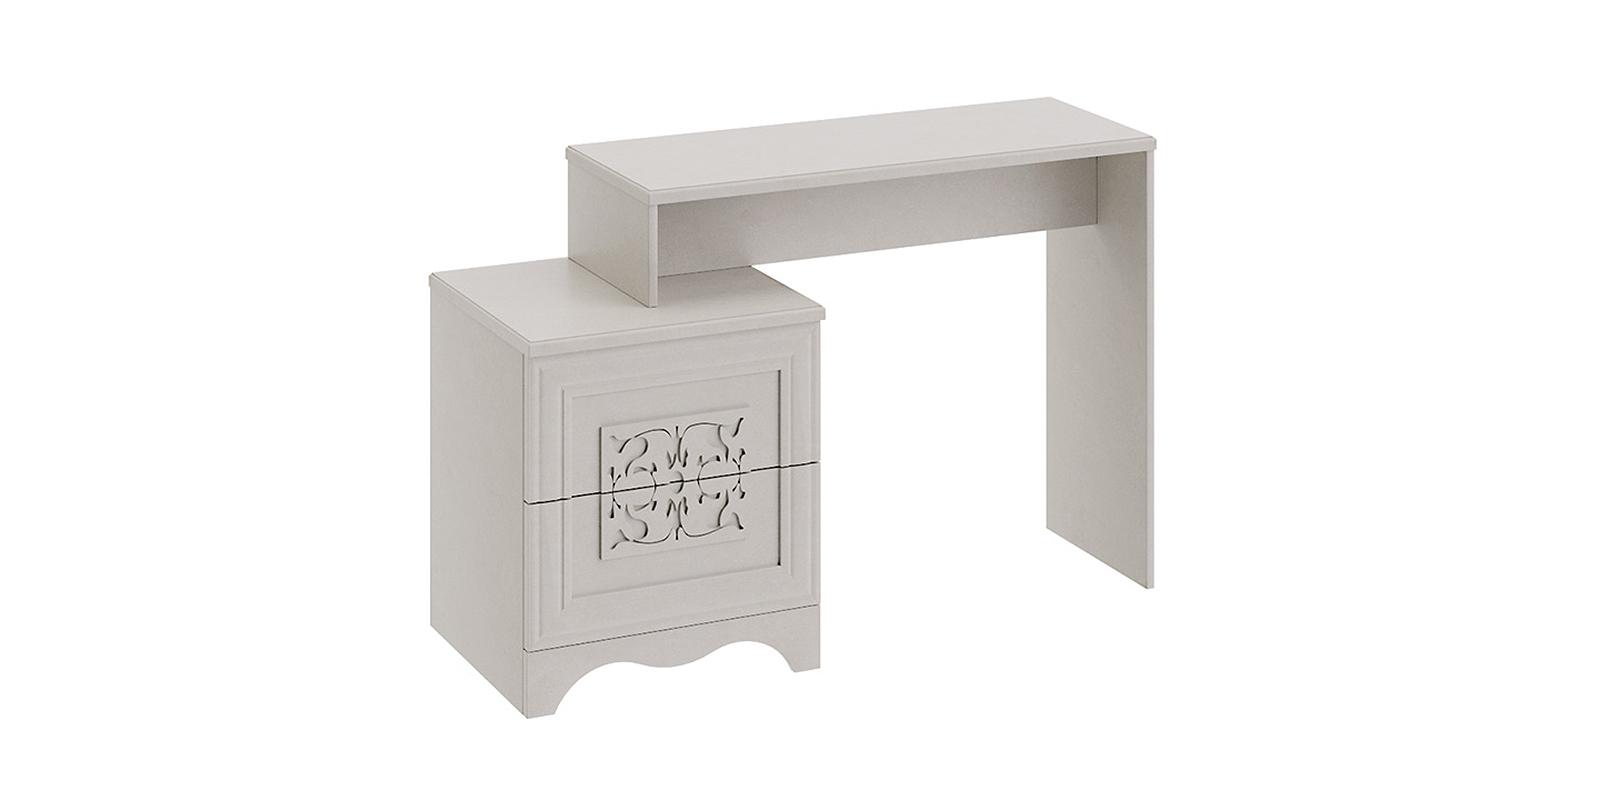 Столик туалетный Лацио вариант №1 (бежевый)